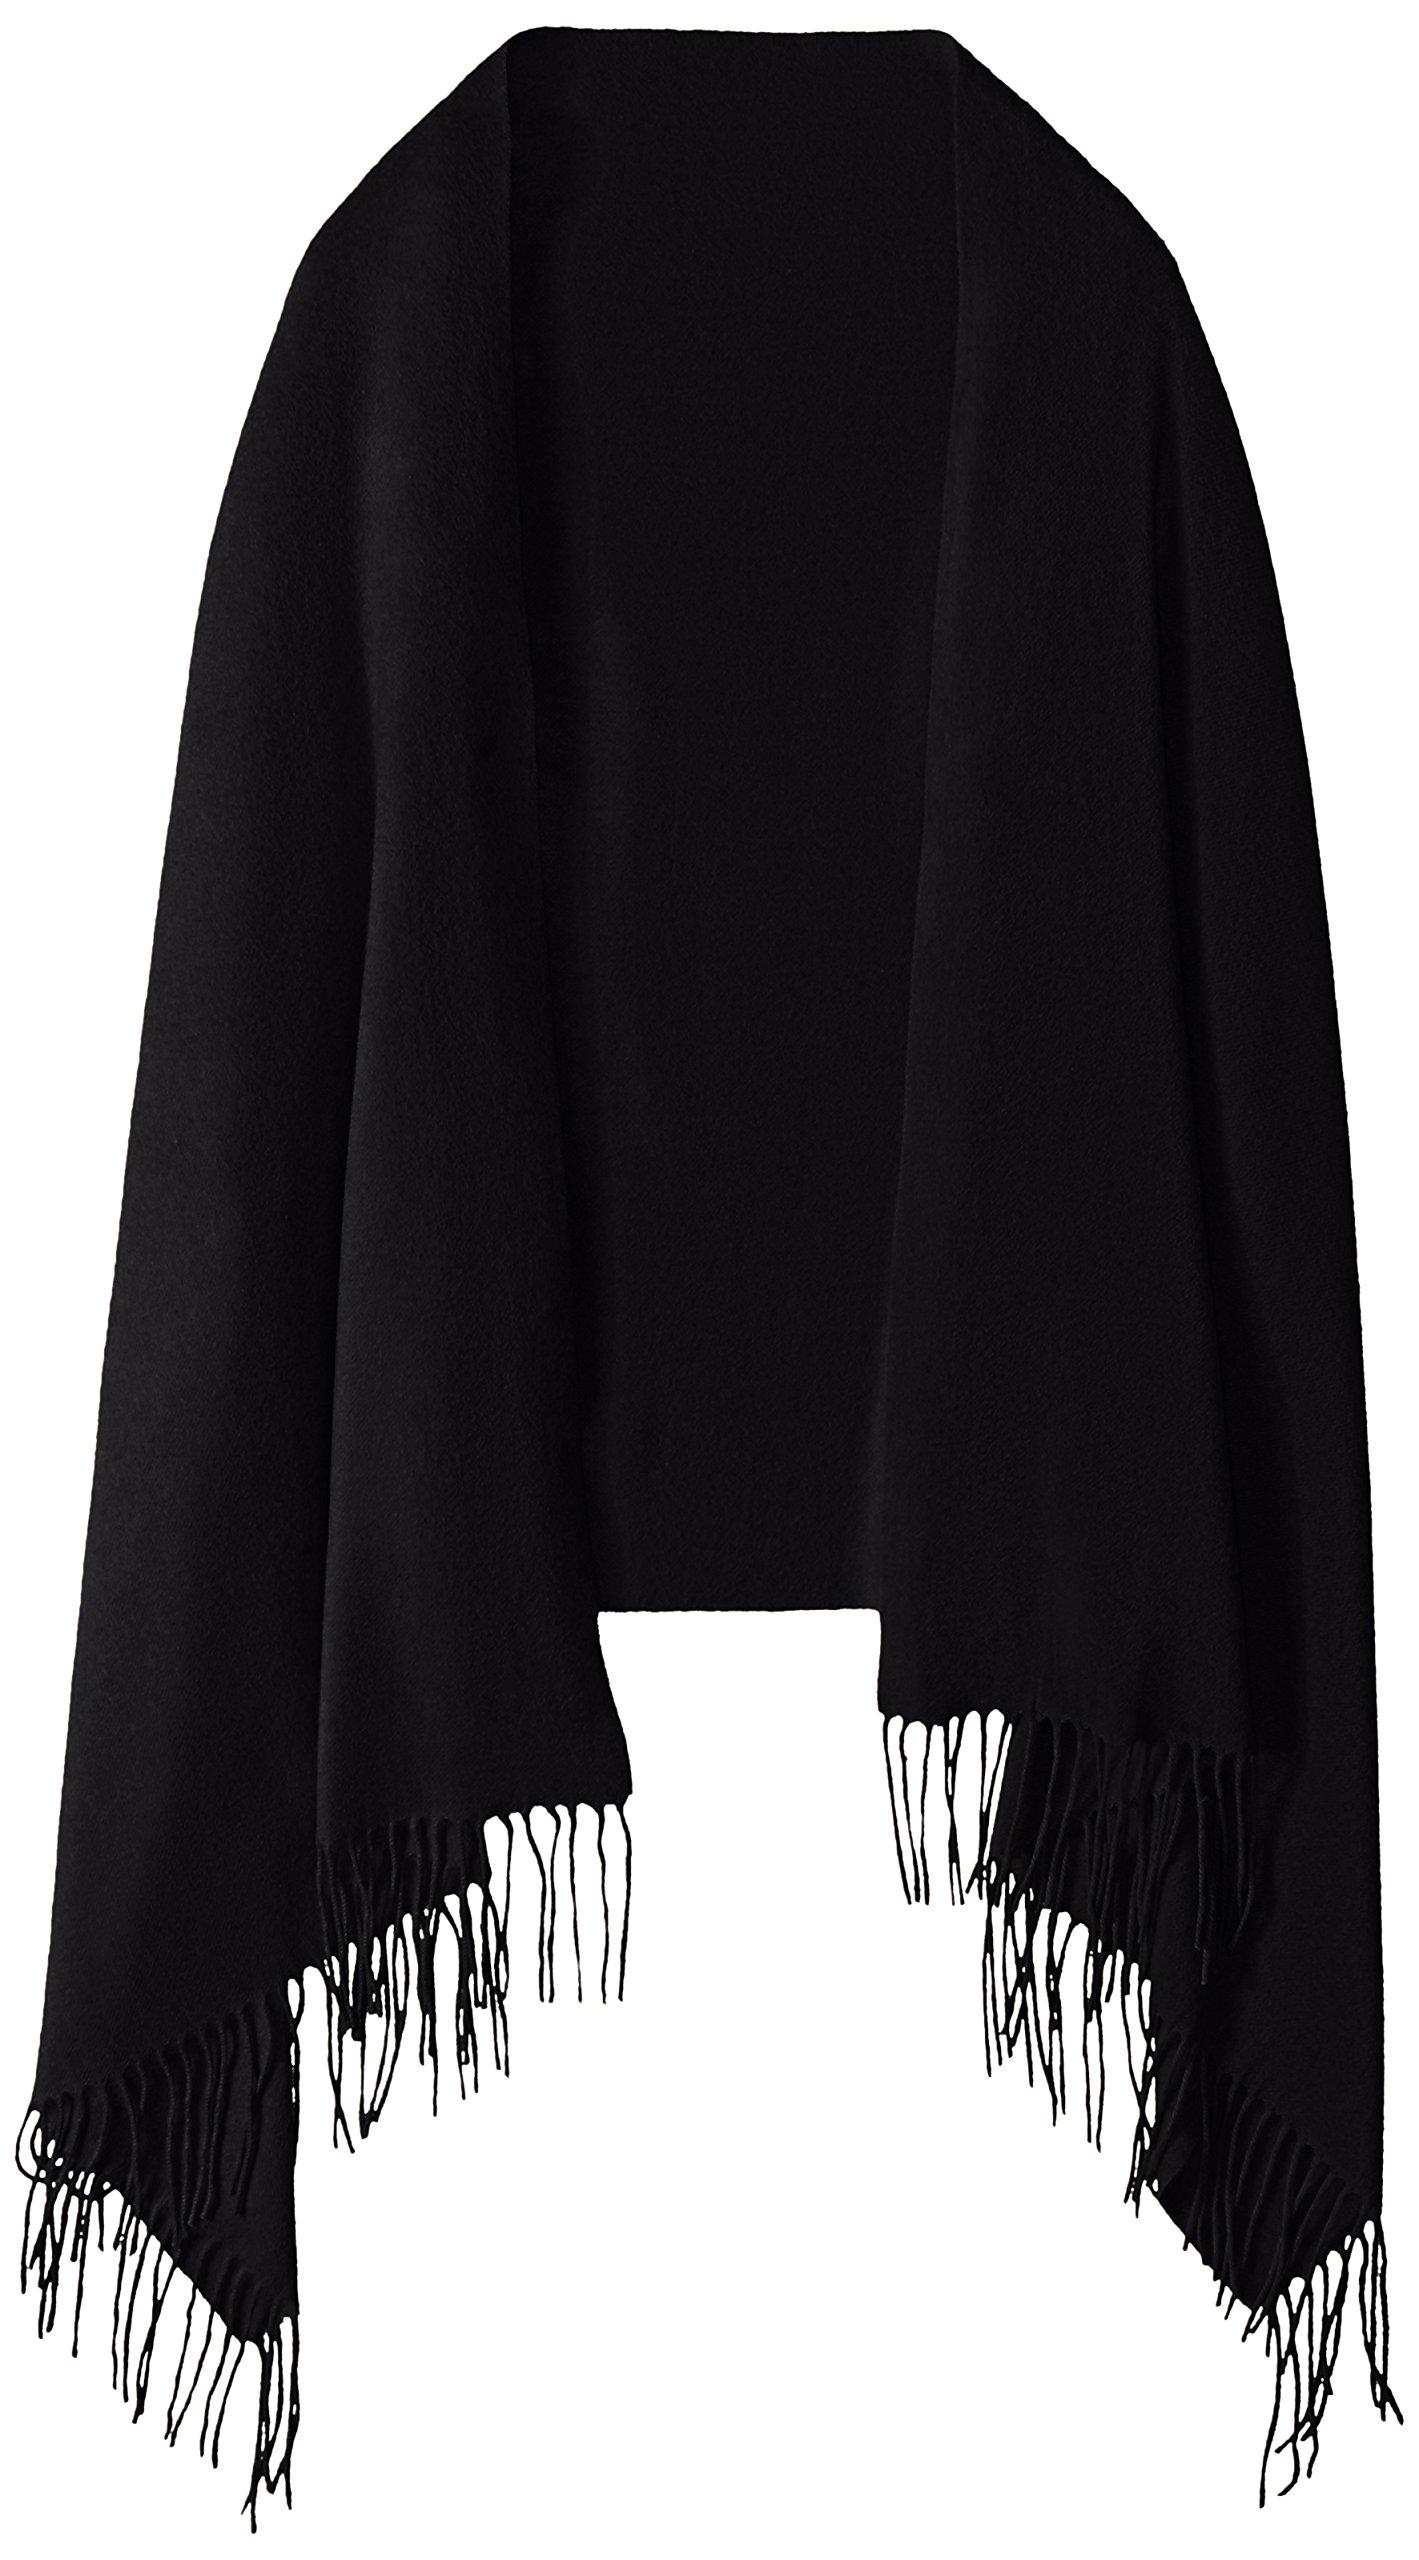 Phenix Cashmere Women's Solid 100 Percent Cashmere Wrap, Black, One Size